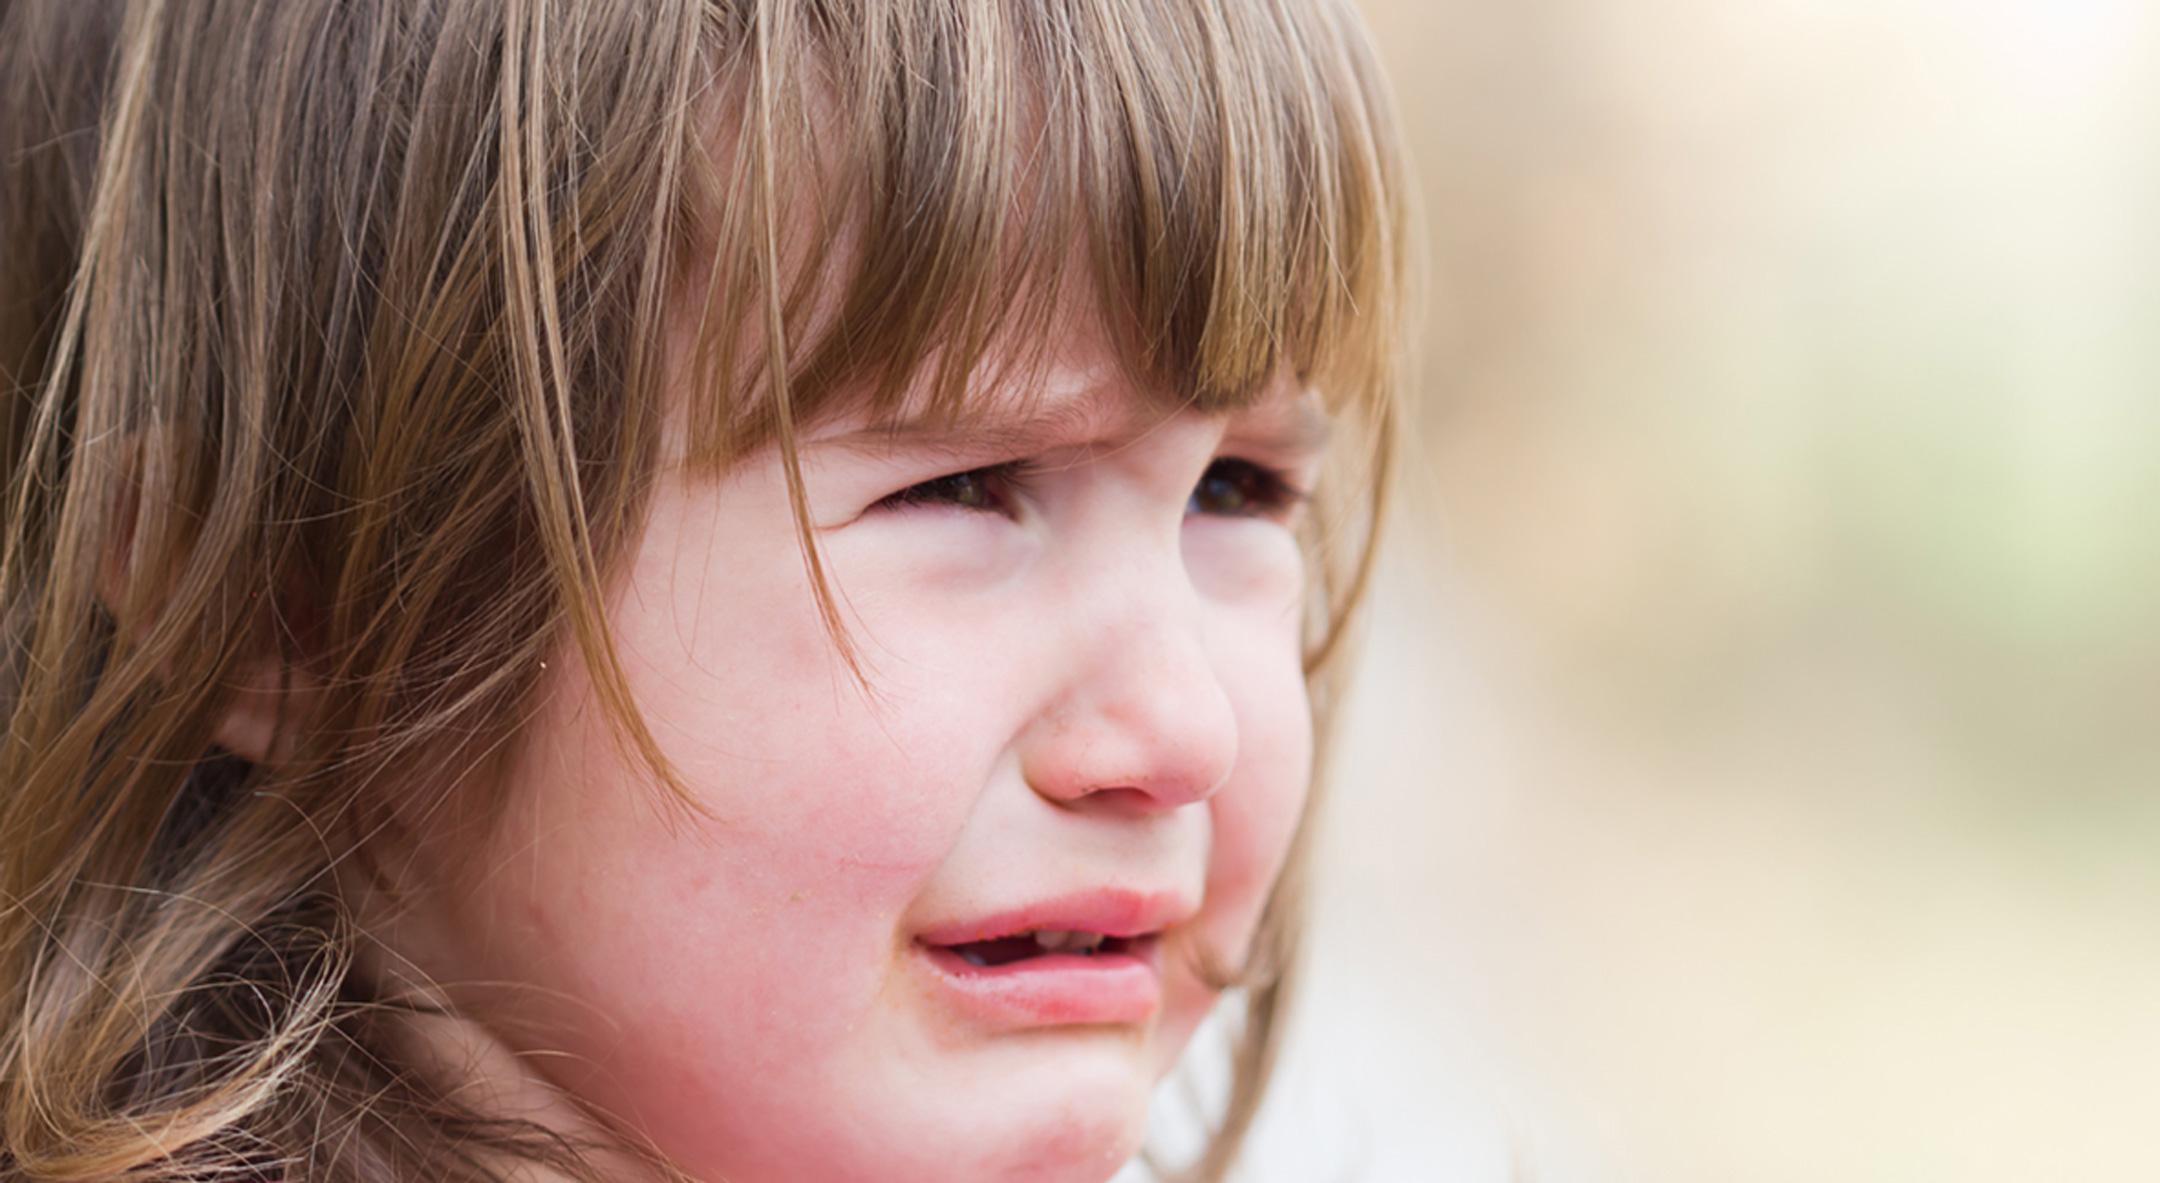 Toddler-crying-crop1440